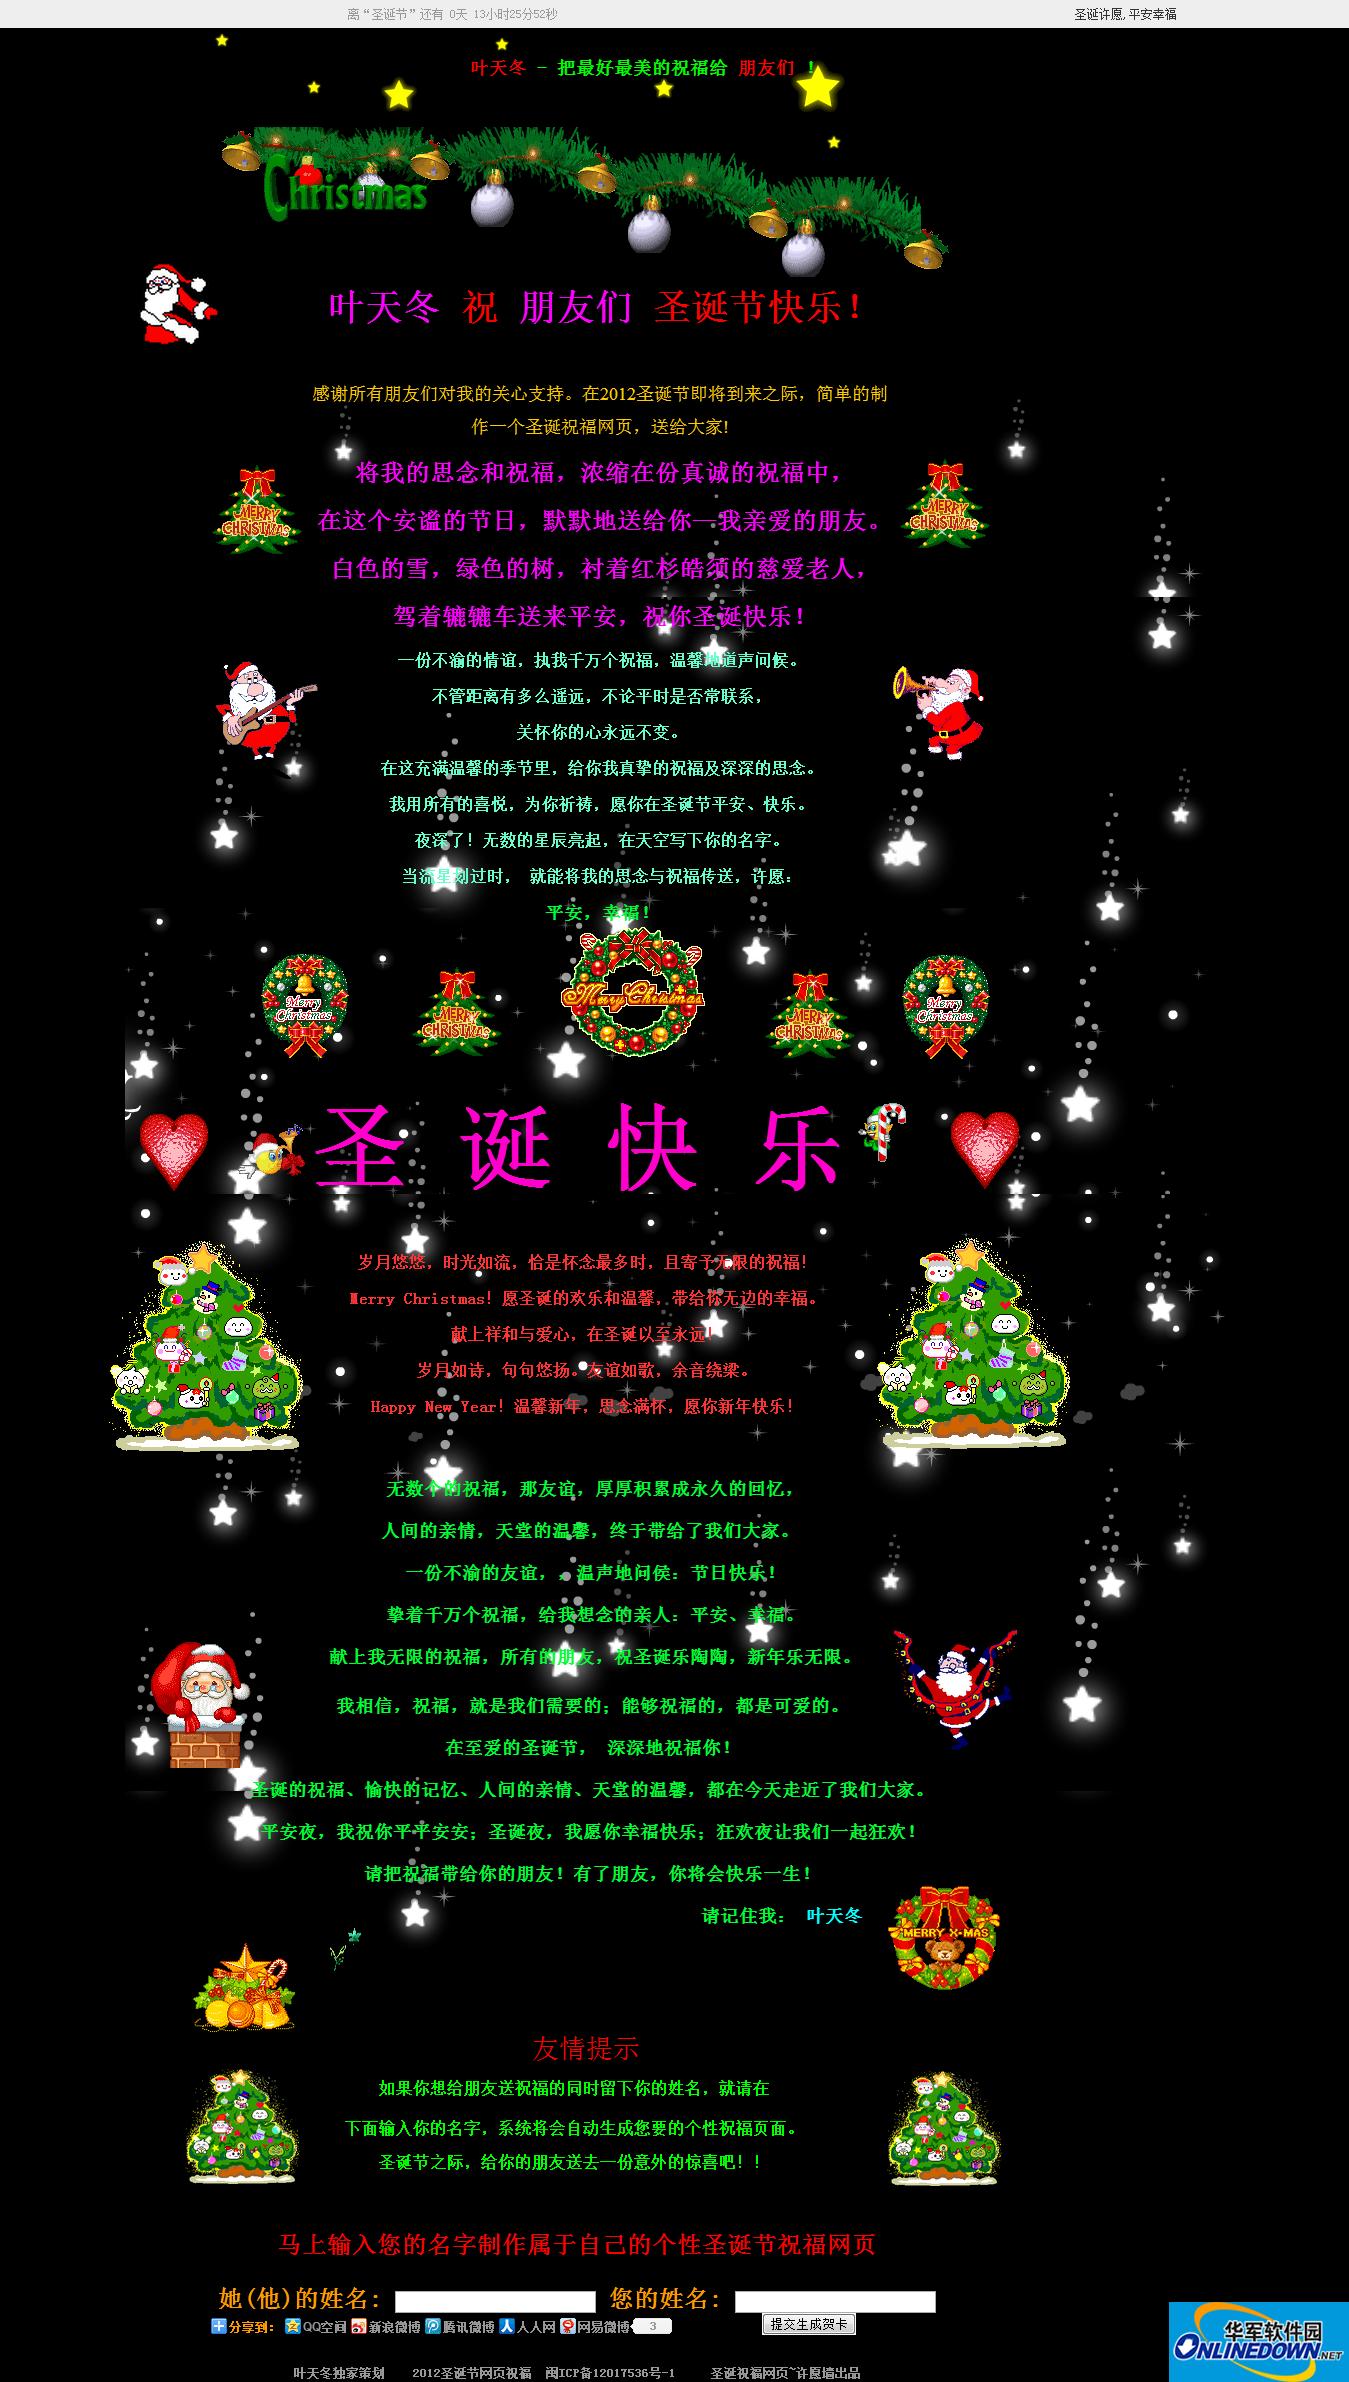 2012年圣诞节祝福语网页源码